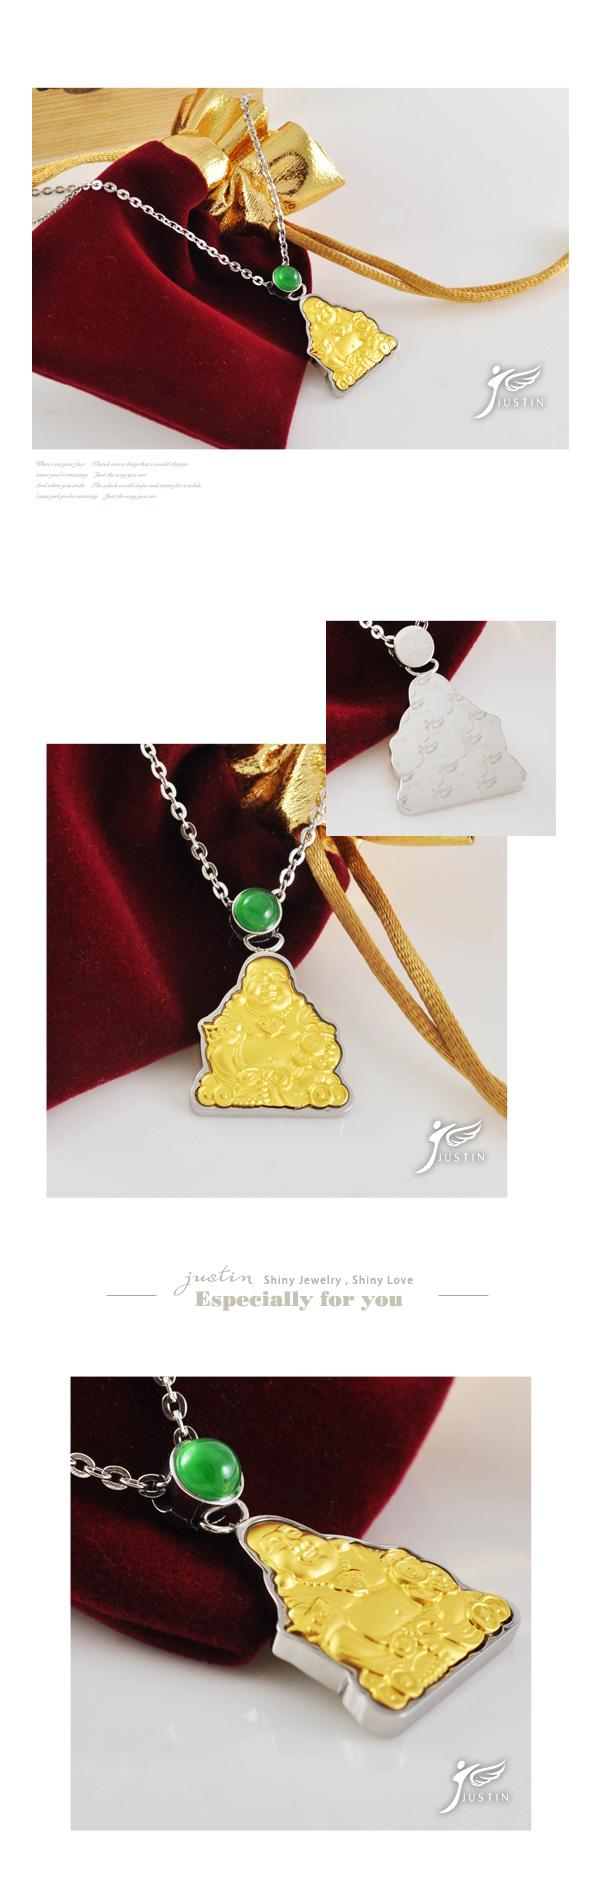 金緻品,金製品,黃金價格,金飾,金飾價格,黃金飾品,金飾店,純金,金飾品牌,黃金投資,招財彌勒入石金鋼套鍊